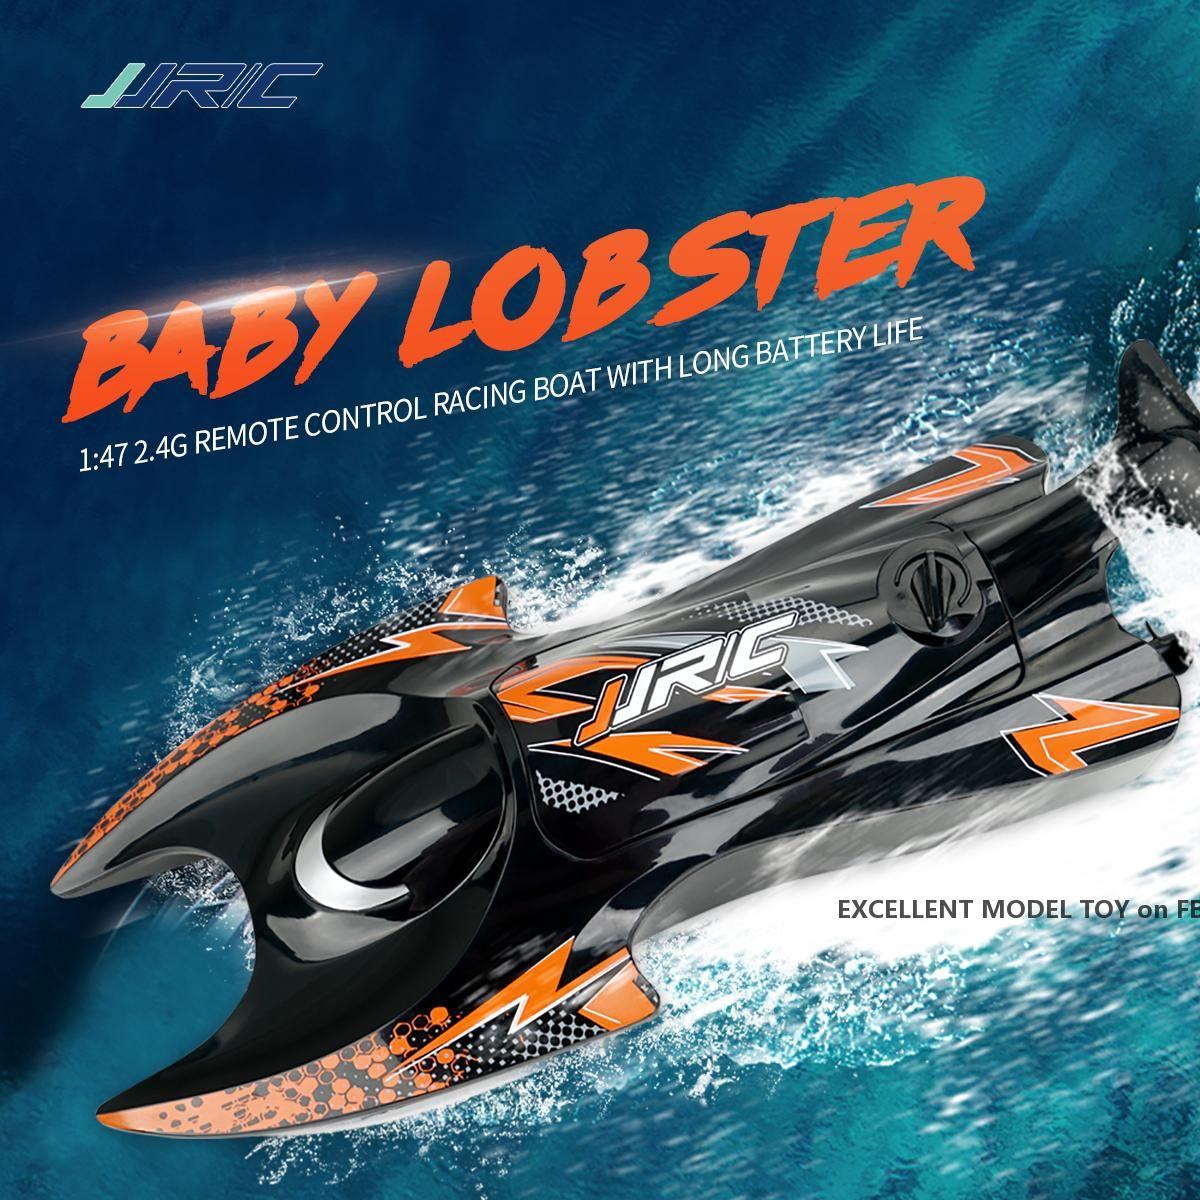 JJRC S6 2.4G Lobster Fernbedienung Elektrische Schnellboot Spielzeug, 1:47, Dual Motor, 5-10 km / h, wasserdicht, Weihnachtskindergeburtstags-Jungengeschenke, 2-1